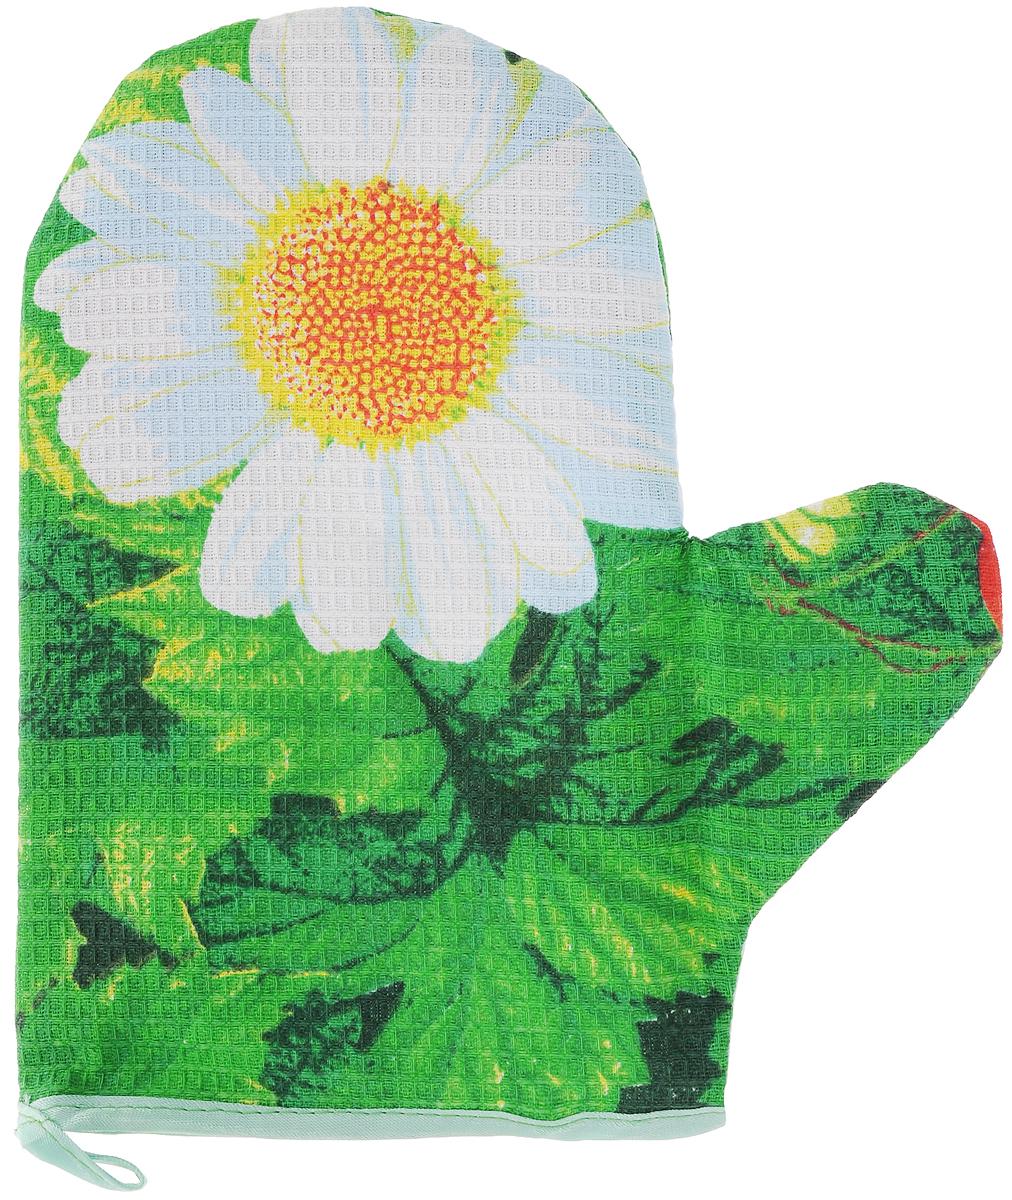 Прихватка-рукавица Roko, 23 х 19,5 см115362Прихватка-рукавица Roko, изготовленная из 100% хлопка, оформлена красочным принтом. Изделие оснащено текстильной петелькой для подвешивания на крючок. Такая прихватка защитит ваши руки от высоких температур и предотвратит появление ожогов. Уважаемые клиенты! Товар поставляется в цветовом ассортименте. Поставка осуществляется в зависимости от наличия на складе. Размер изделия (ДхШ): 23 х 19,5 см.